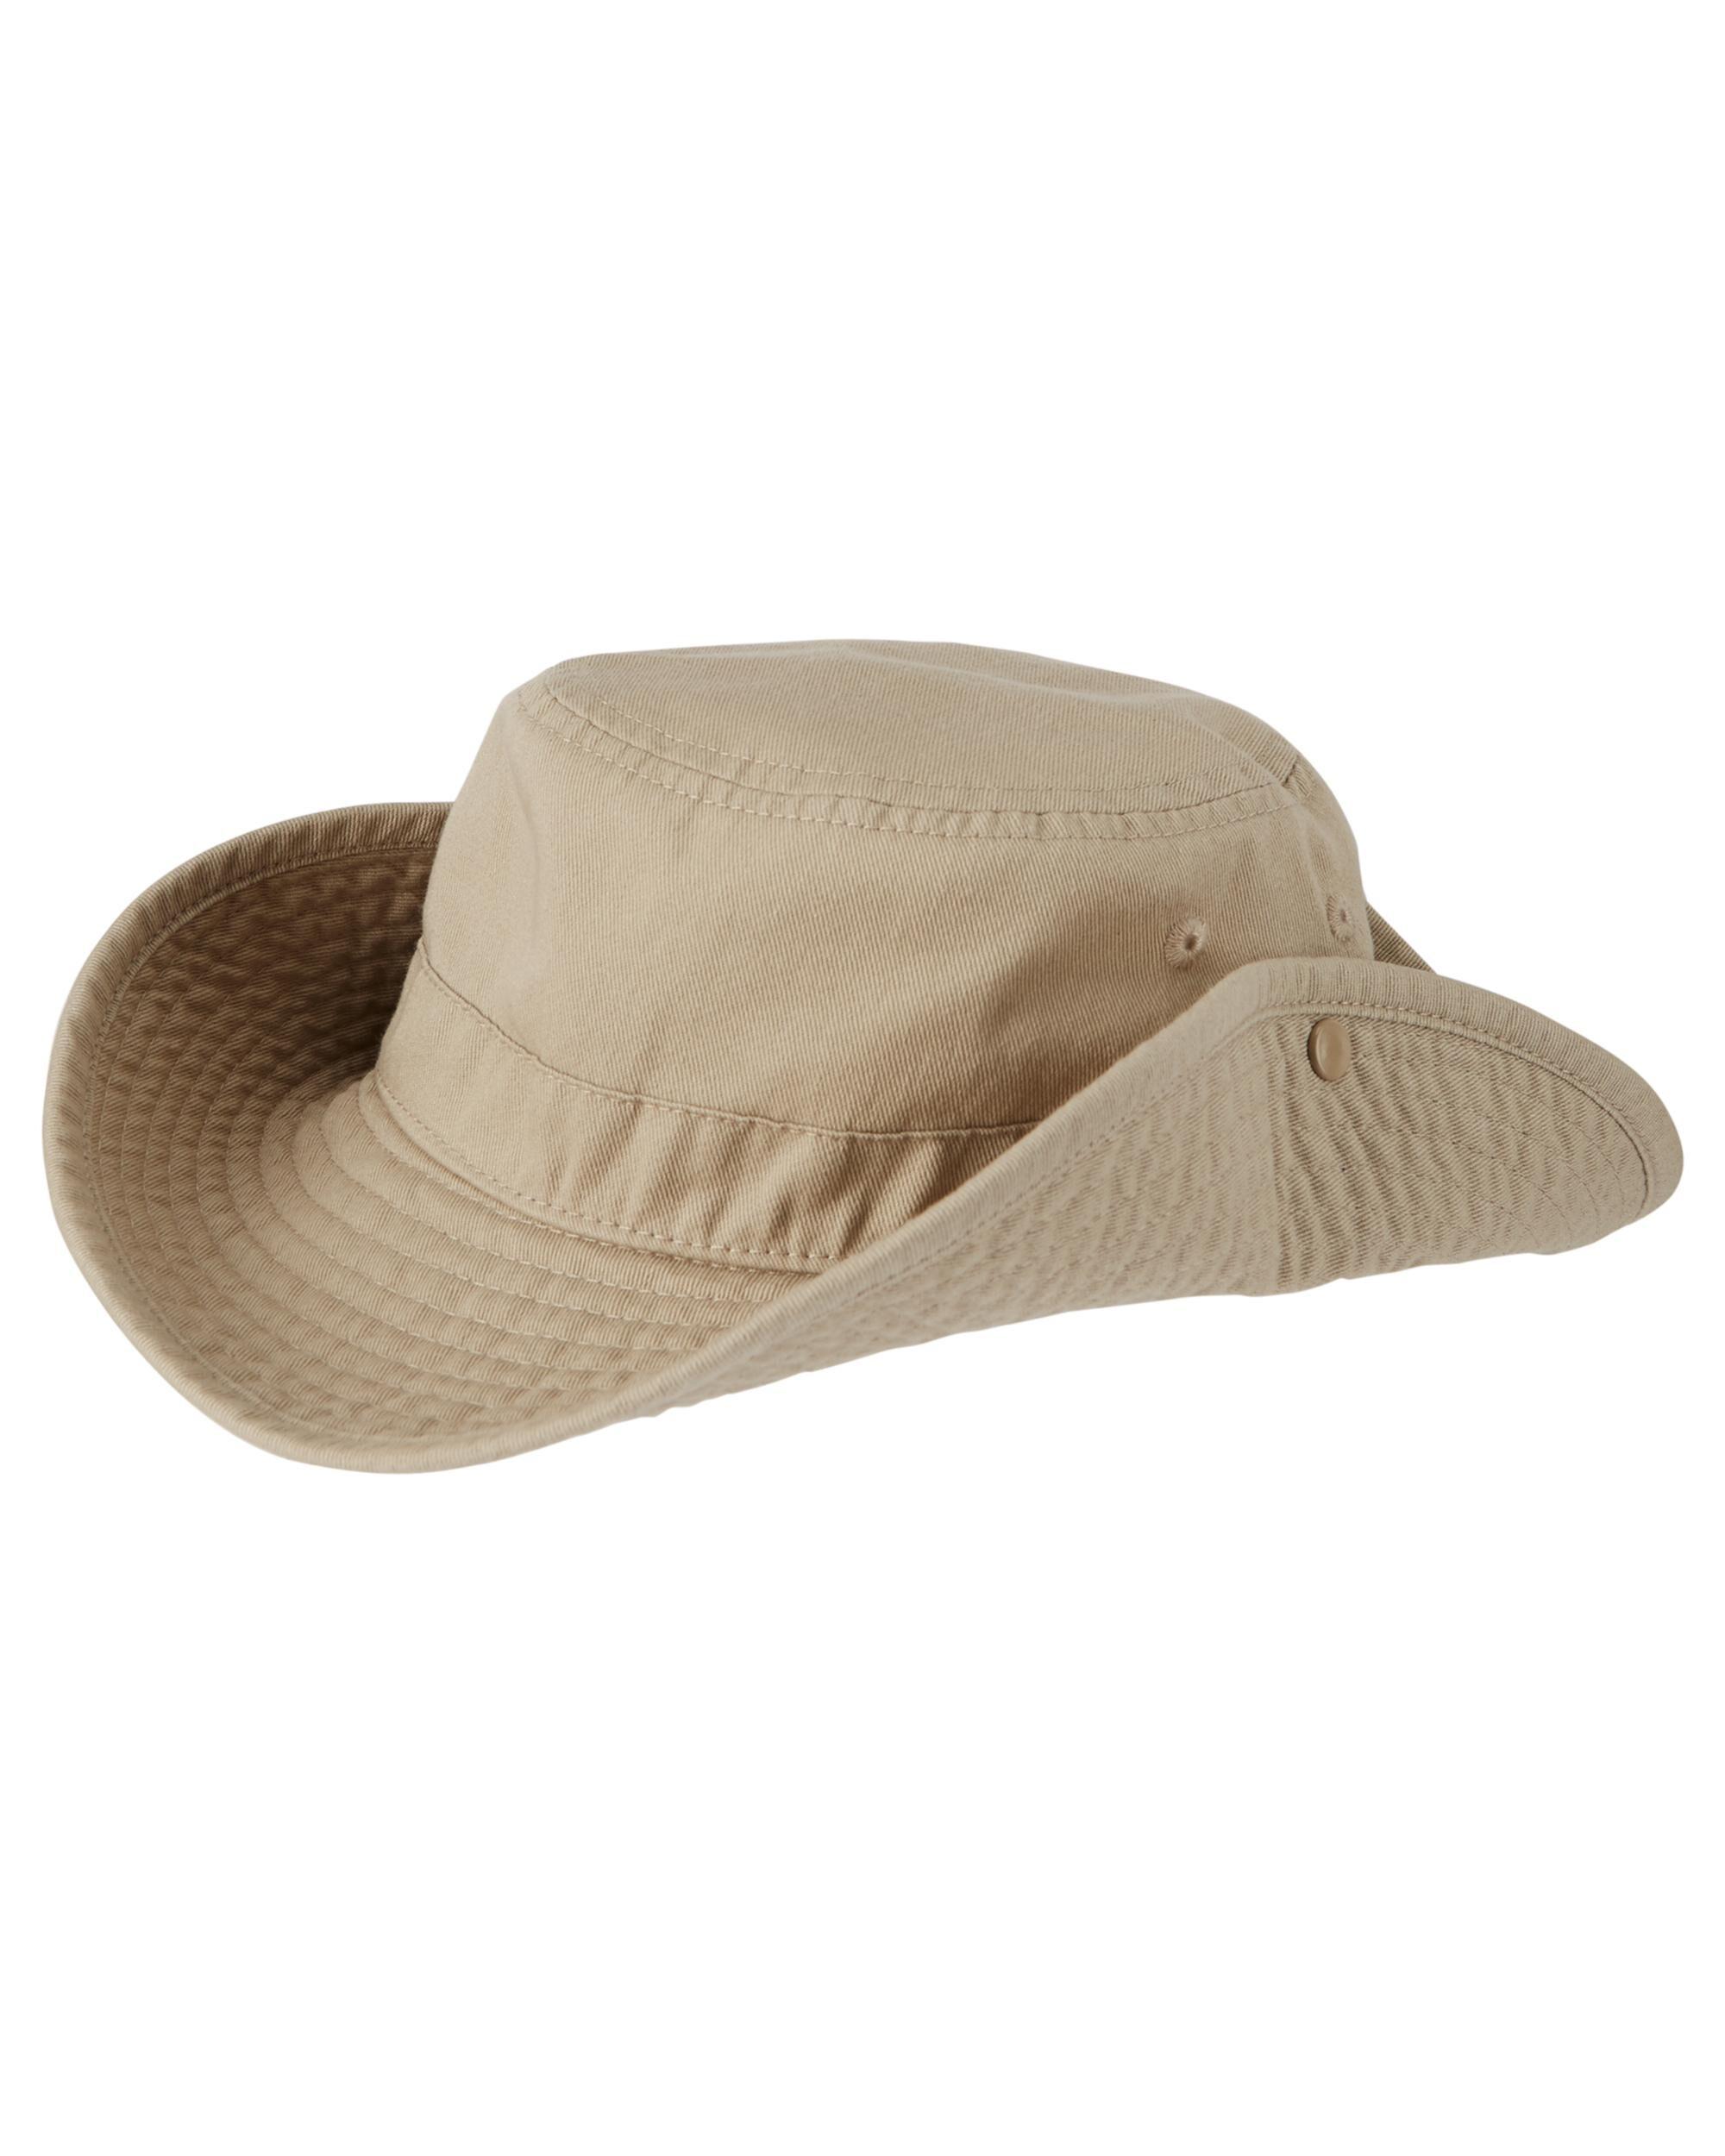 Safari Hat Carters Com